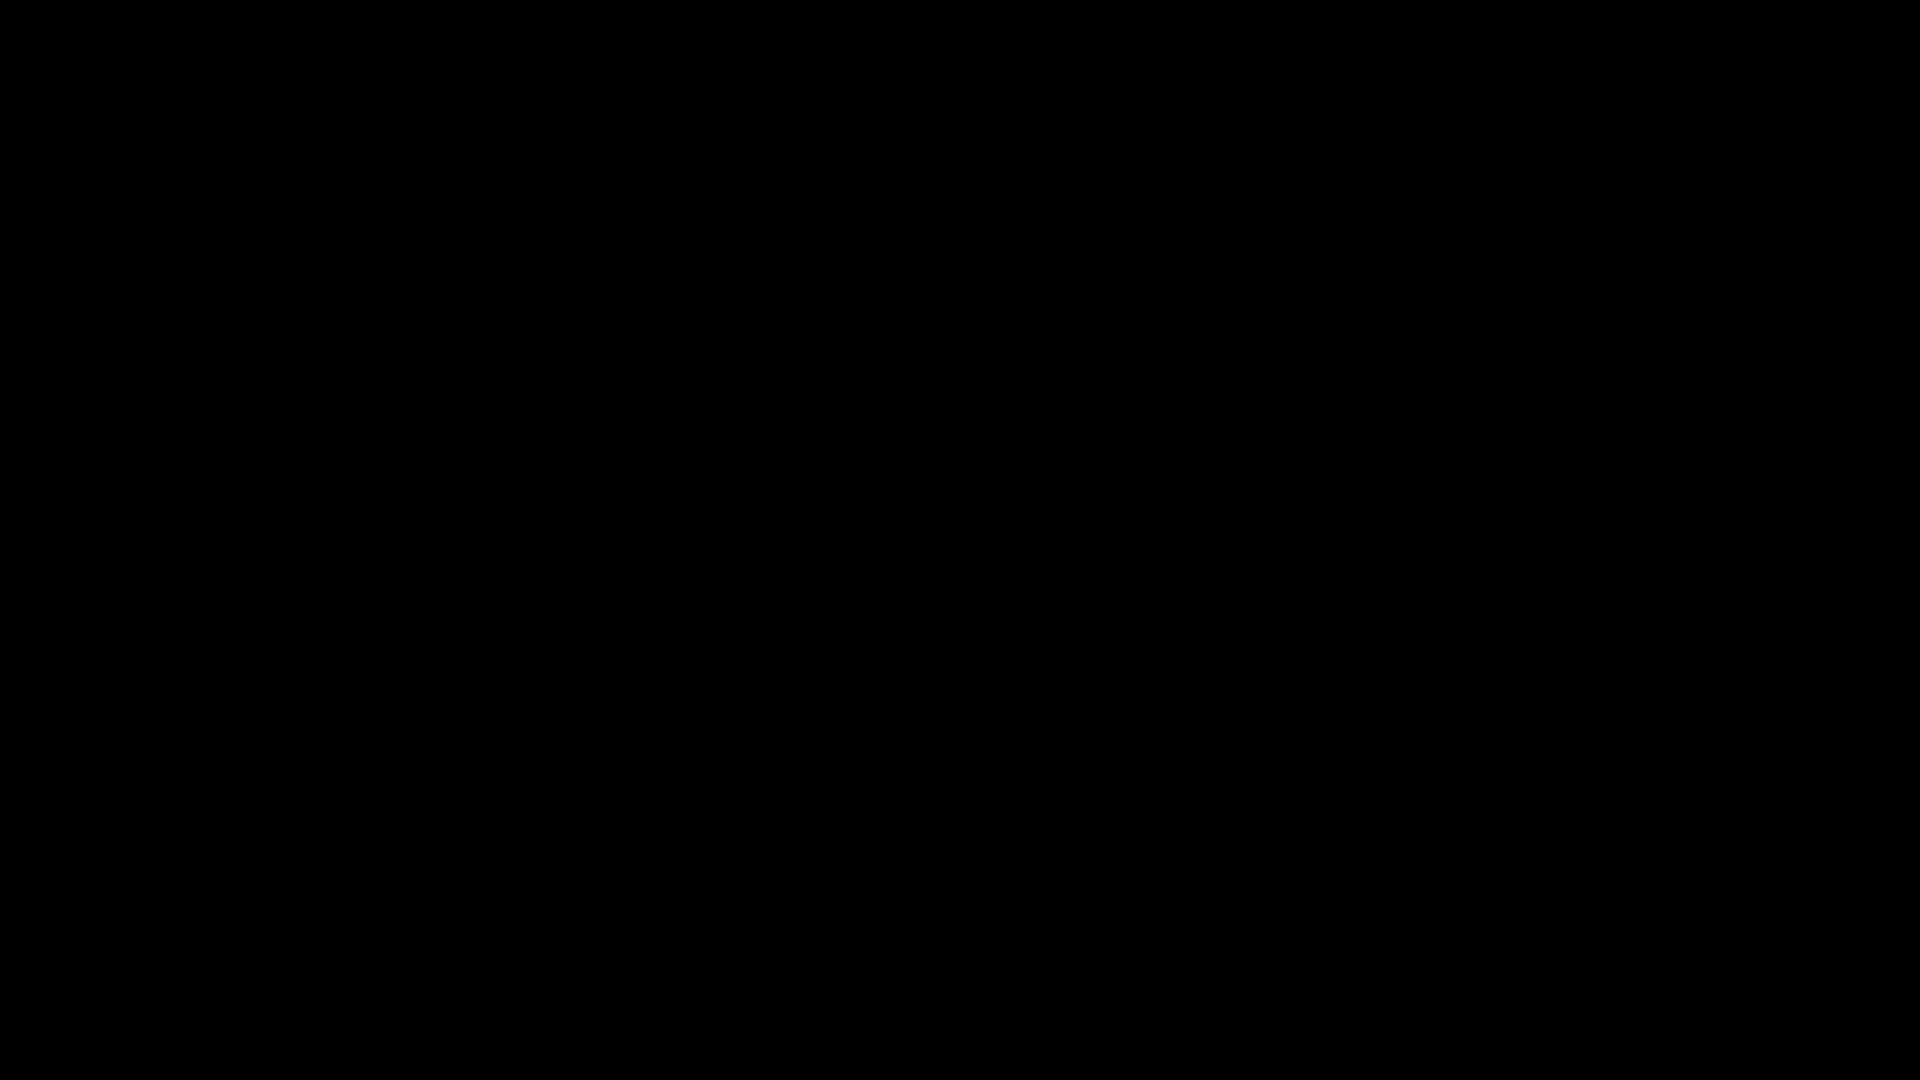 دوستان شاد درختی قسمت 87-فصل 4 قسمت 7-سال 2013 تا آخر- لینک تمام قسمت ها در توضیح زیر این ویدیو است